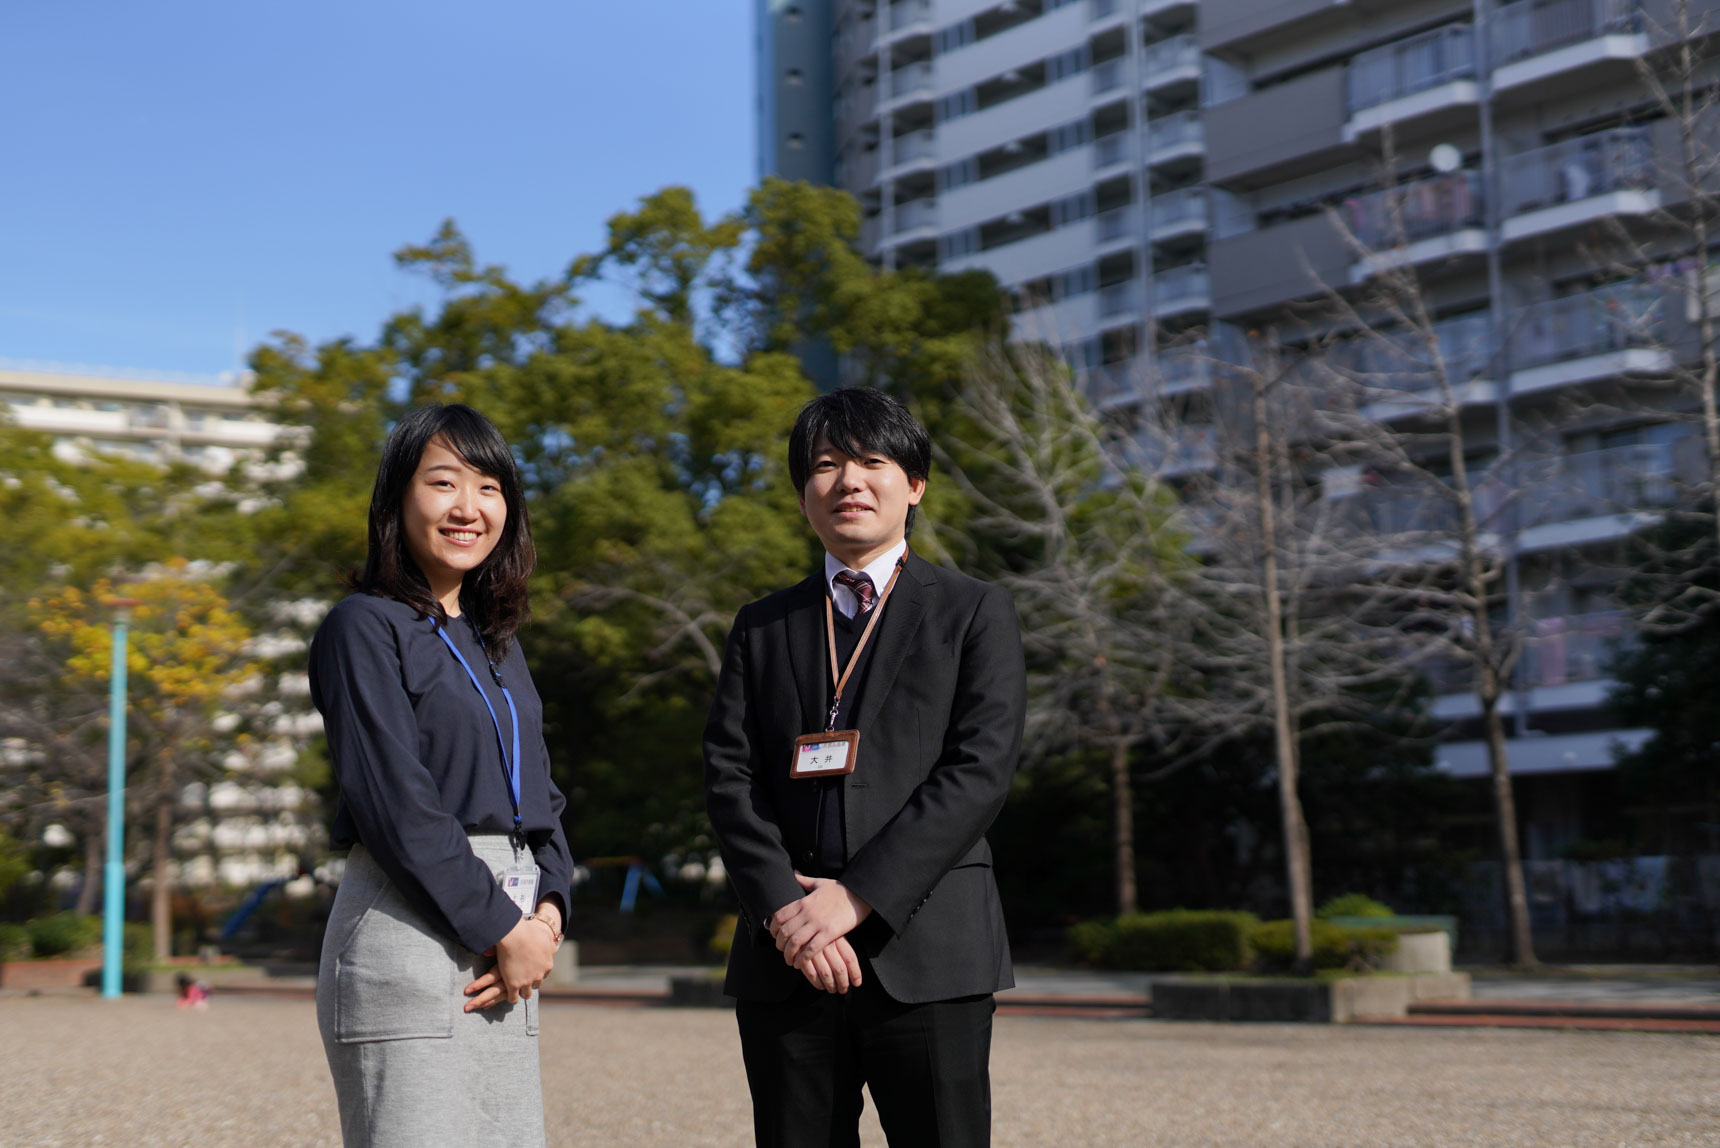 ご案内いただいたのは、写真左から、UR都市機構の上杉さんと大井さんです。